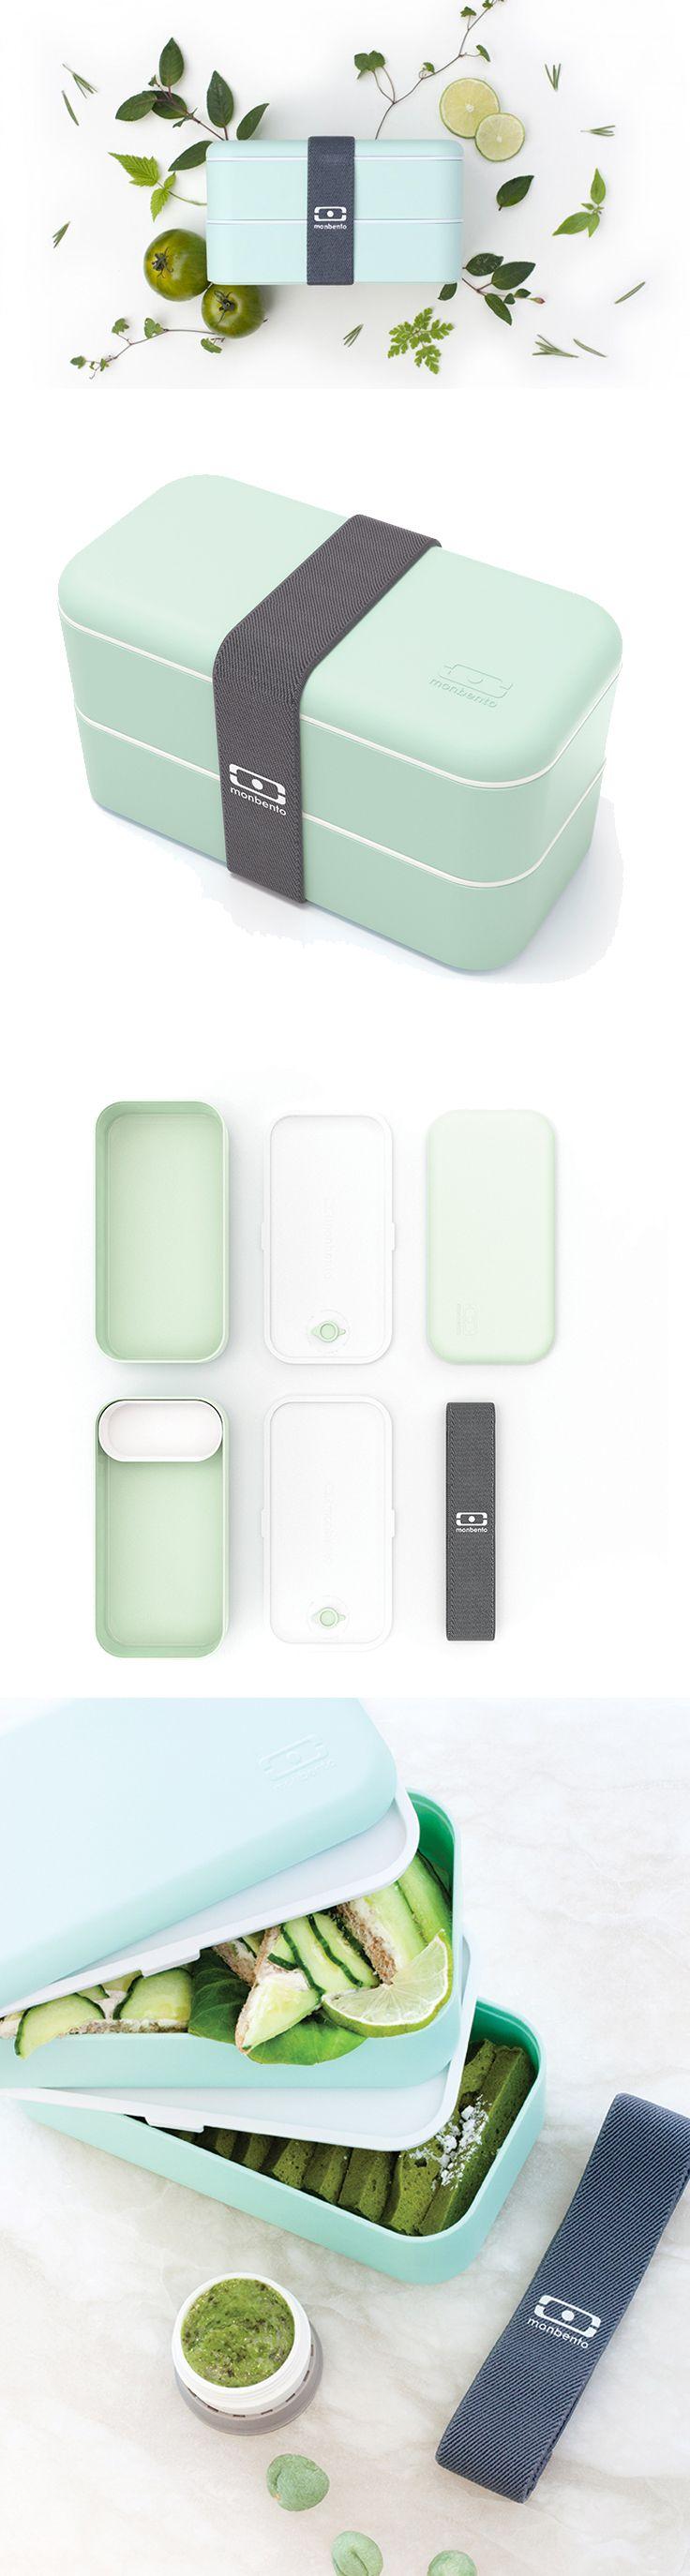 """MonBento Original, je box připraven uspokojit hlad i toho nejsrdečnějšího jedlíka.   Svačinové boxy MonBento Original inspirované japonskými """"bento boxy"""" mají matný povrch Soft-touch, který je velmi příjemný na dotek.  Obě krabičky drží bezpečně pohromadě šedá praktická guma s logem, takže je klidně můžete hodit do batohu, válet sudy ze Sněžky a dole si pak dát příjemnou svačinku. Ve spodním boxu je ještě navíc šikovné vyndavací přehrazení, které pomůže oddělit třeba sladké od slaného, nebo…"""